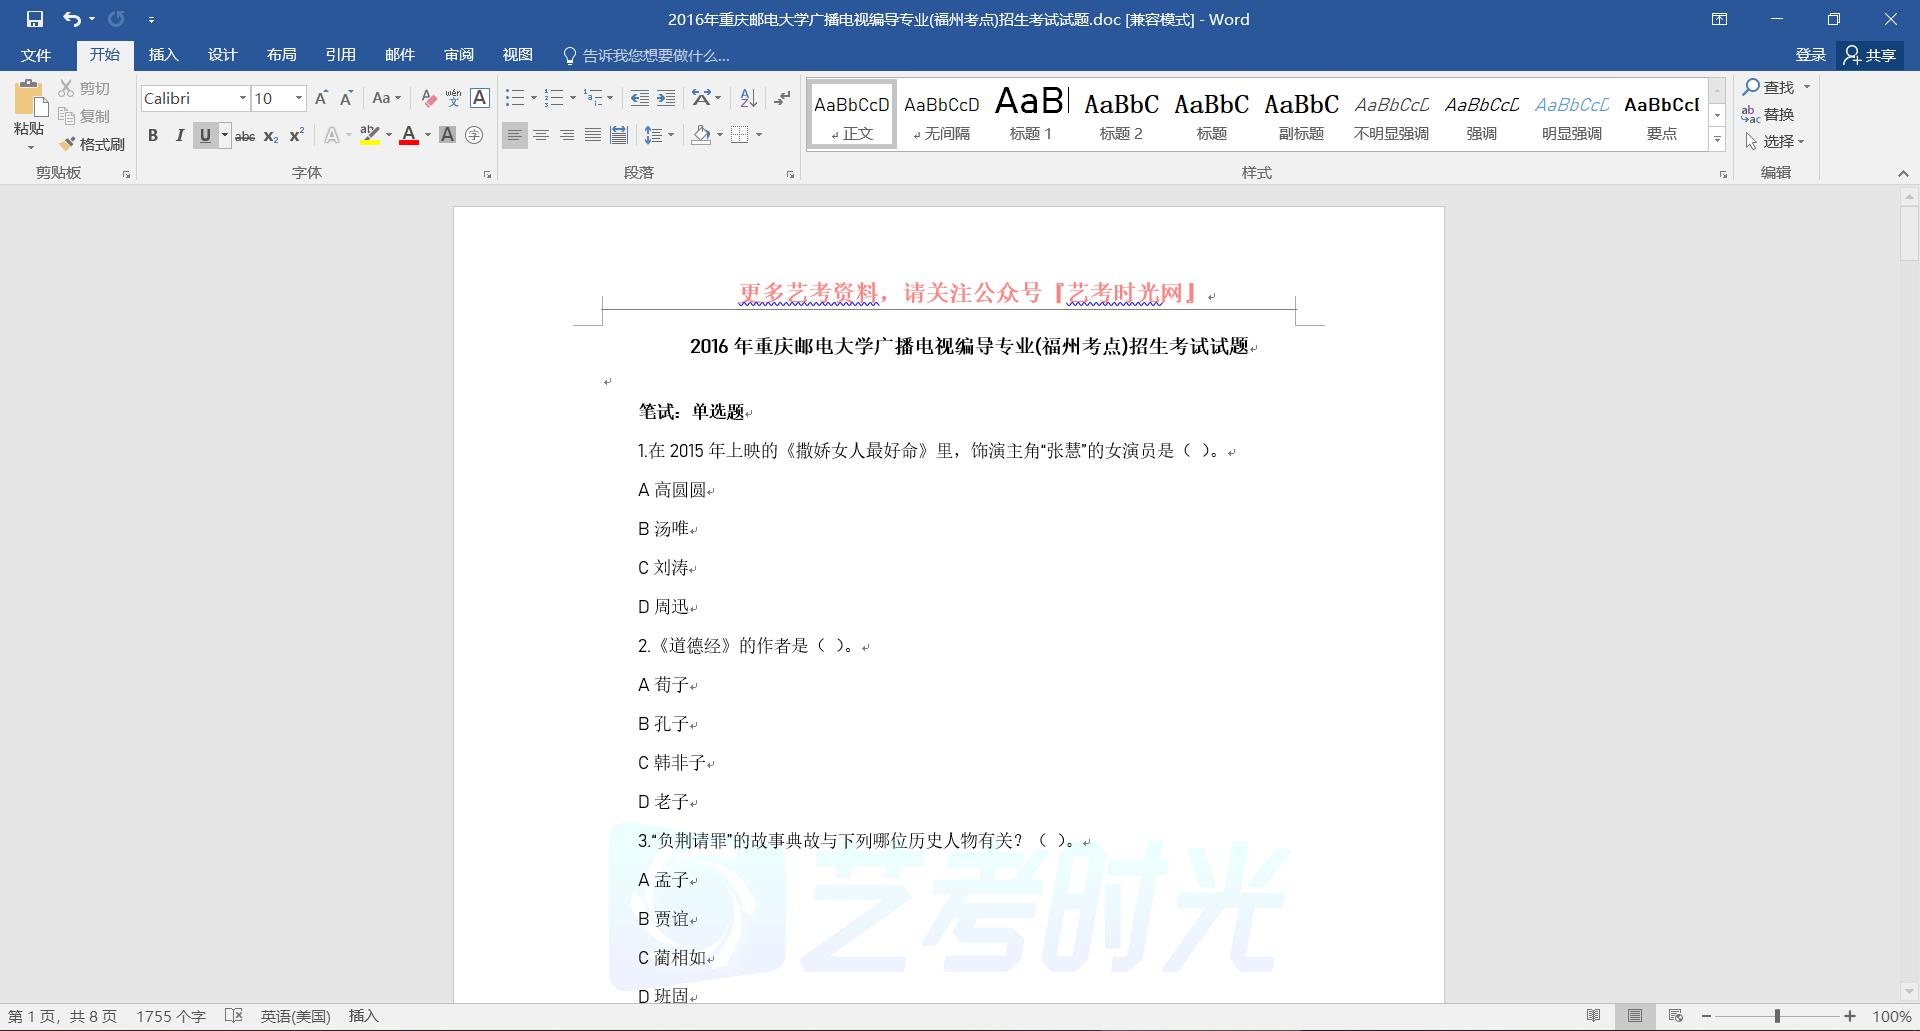 2016年重庆邮电大学广播电视编导考试试题(含答案)